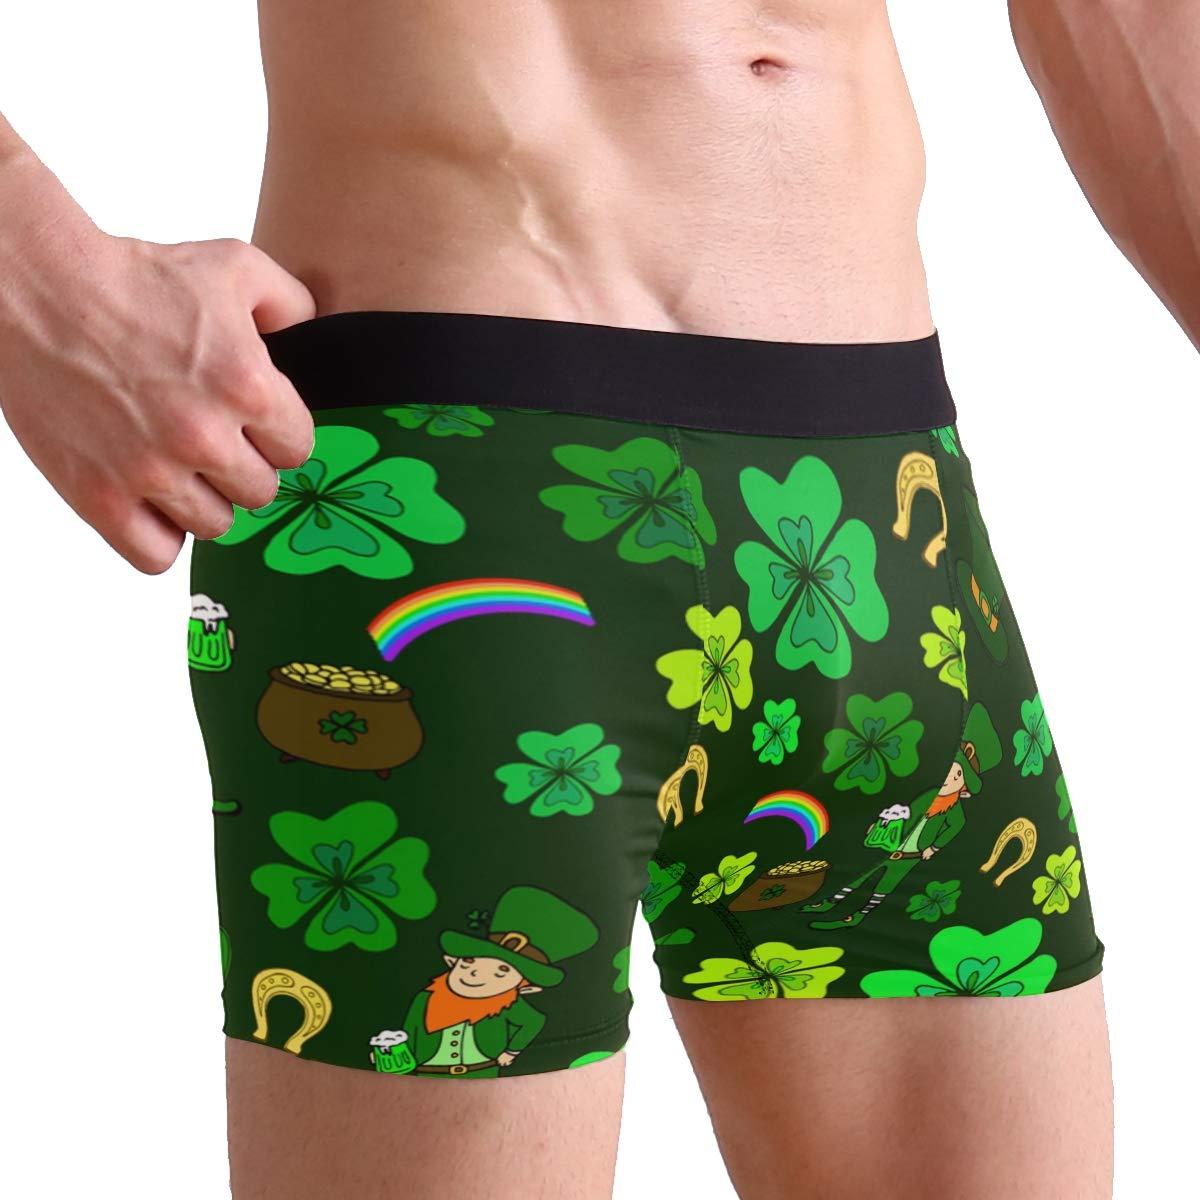 St Patricks Day Leprechaun with Clover Boxer Briefs Mens Underwear Pack Seamless Comfort Soft